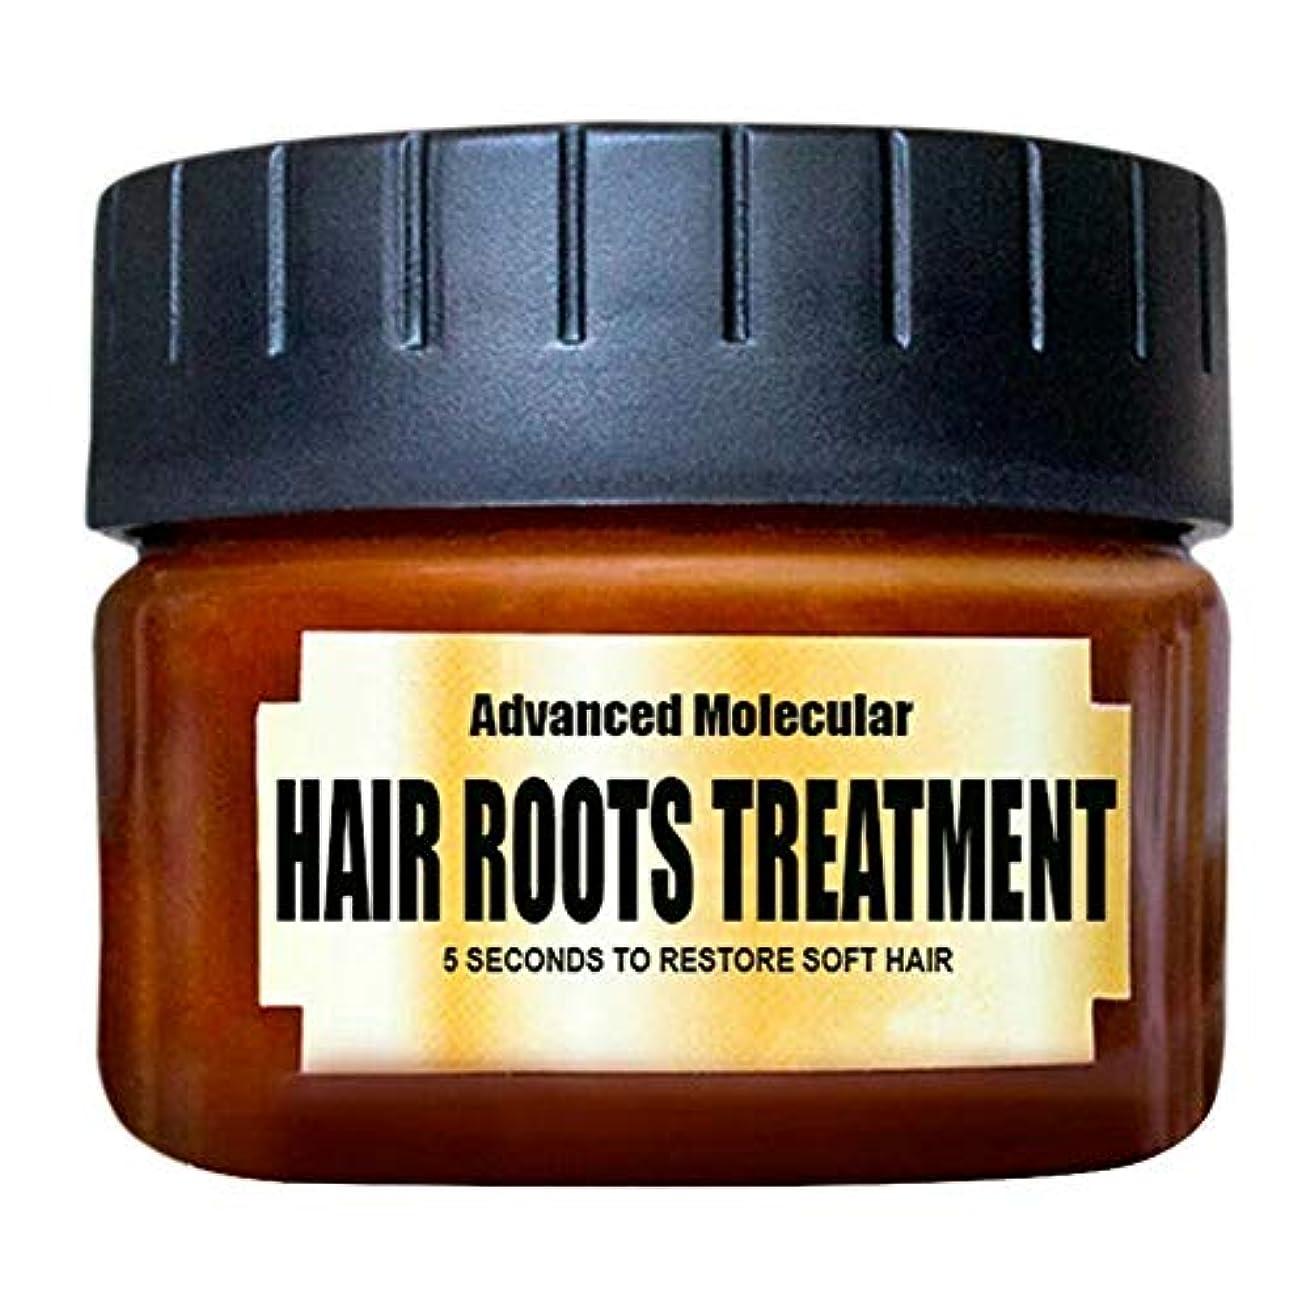 豆腐ただやるであることBTFirst ヘアルーツトリートメント健康的なソフトヘアケアエッセンスを修復柔らかい髪を取り戻す弾力性を取り戻し健康を取り戻し効果的で便利